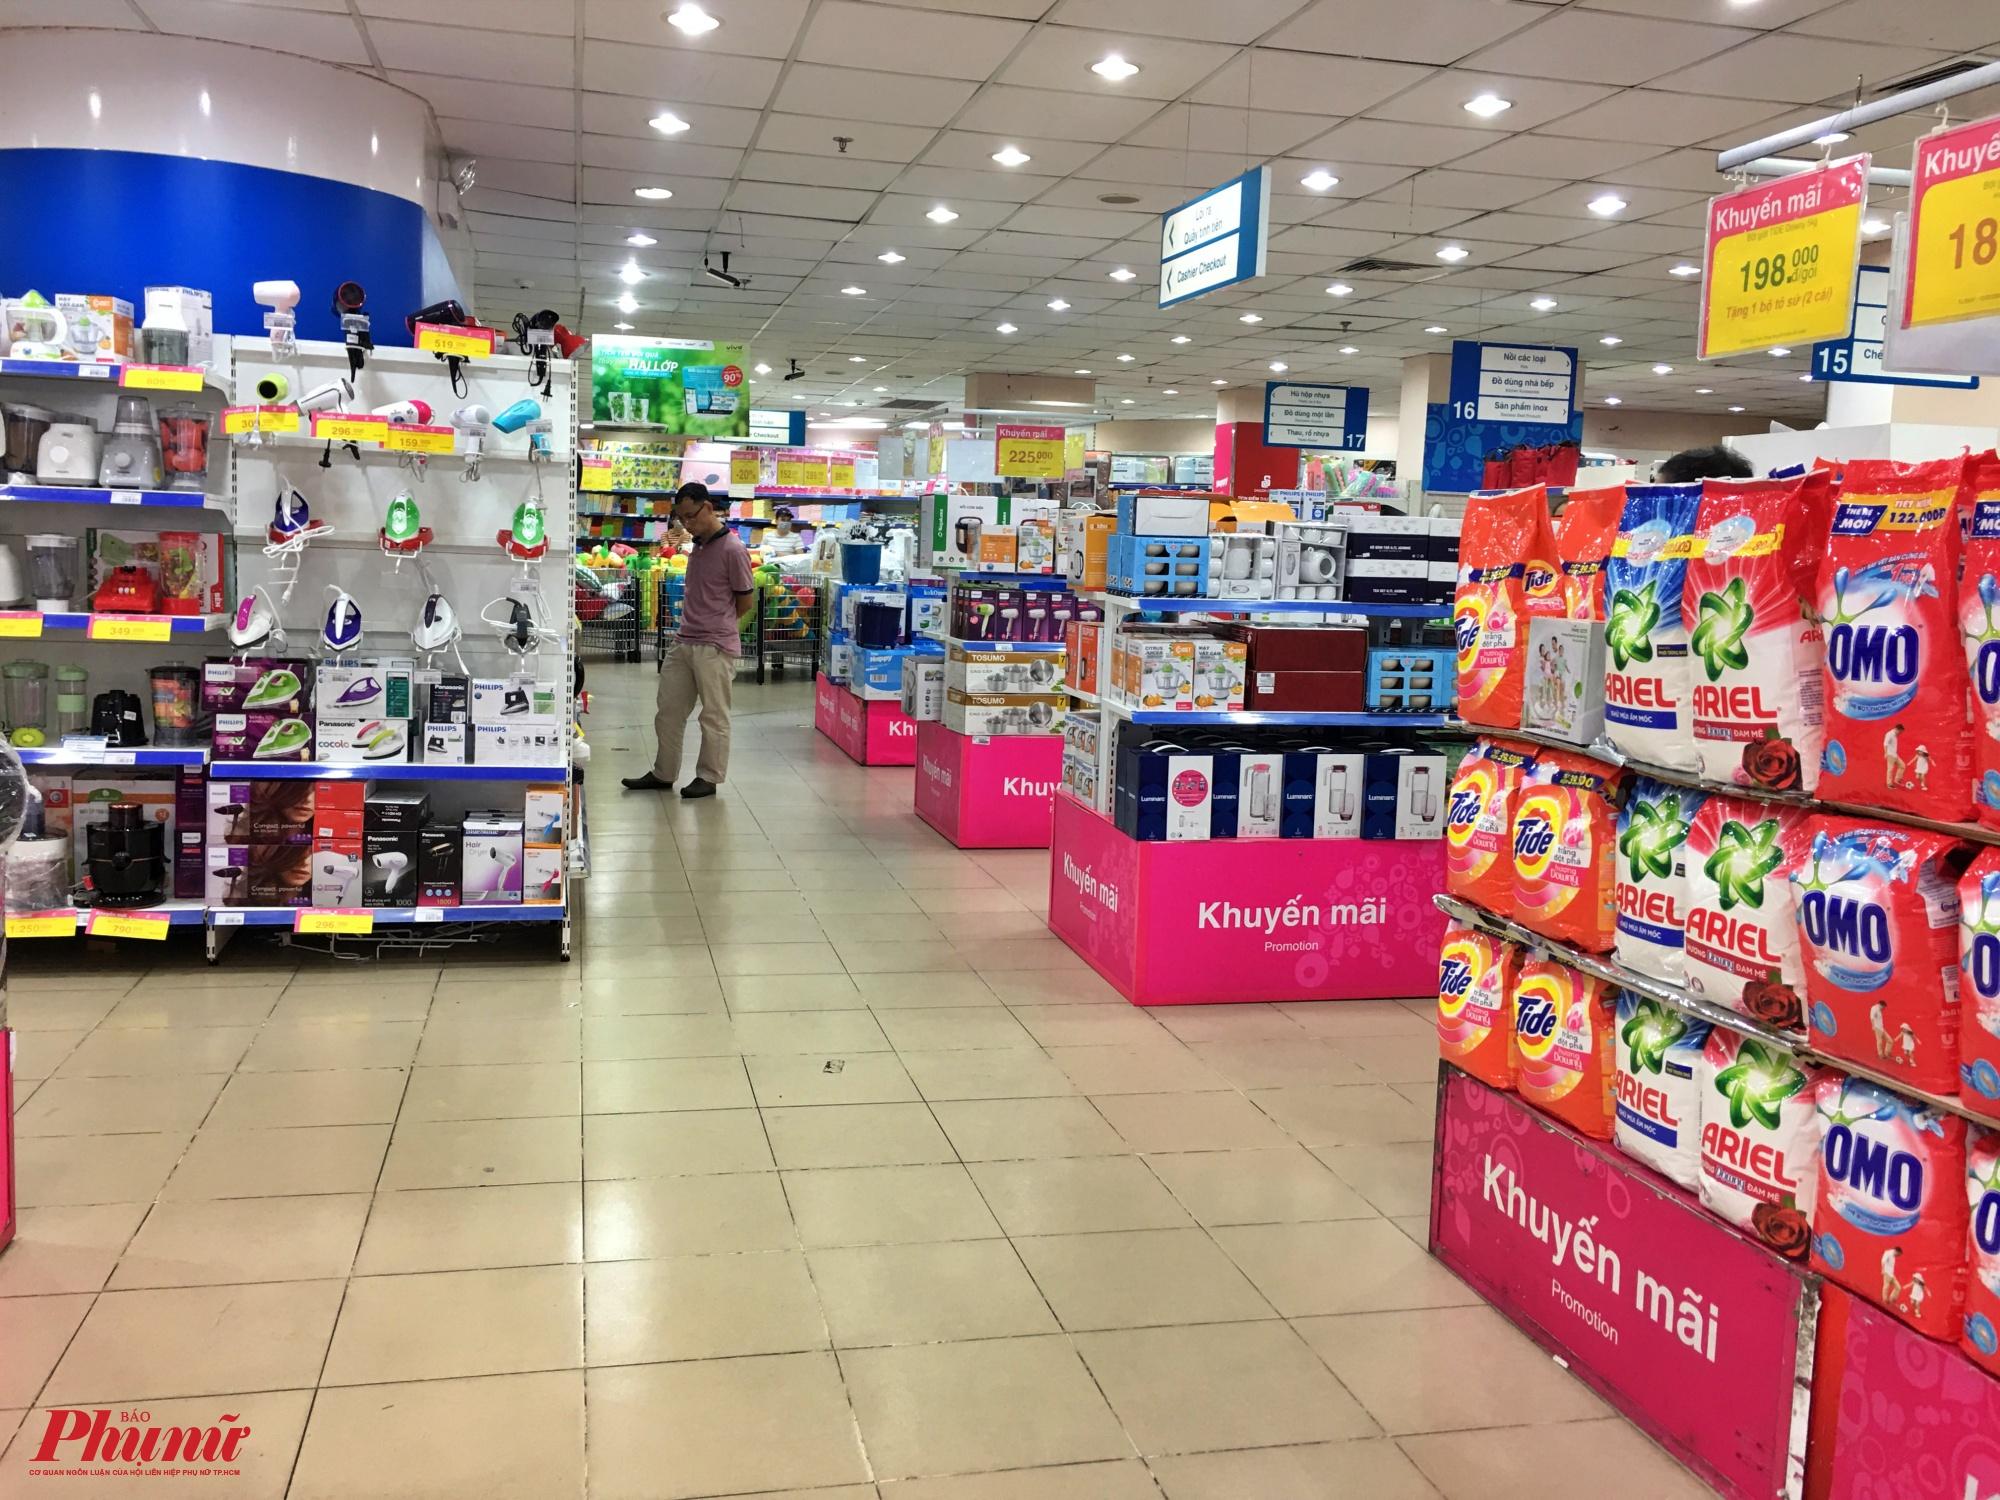 Tại siêu thị Coop Mart Phú Thọ quận 11, phóng viên ghi nhận vào sáng Chủ Nhật (9/2), quầy hàng thiết bị gia dụng những ngày cuối tuần rất đông khách đến mua săm nhưng nay cũng rơi vào cảnh đìu hiu vắng vẻ lạ thường